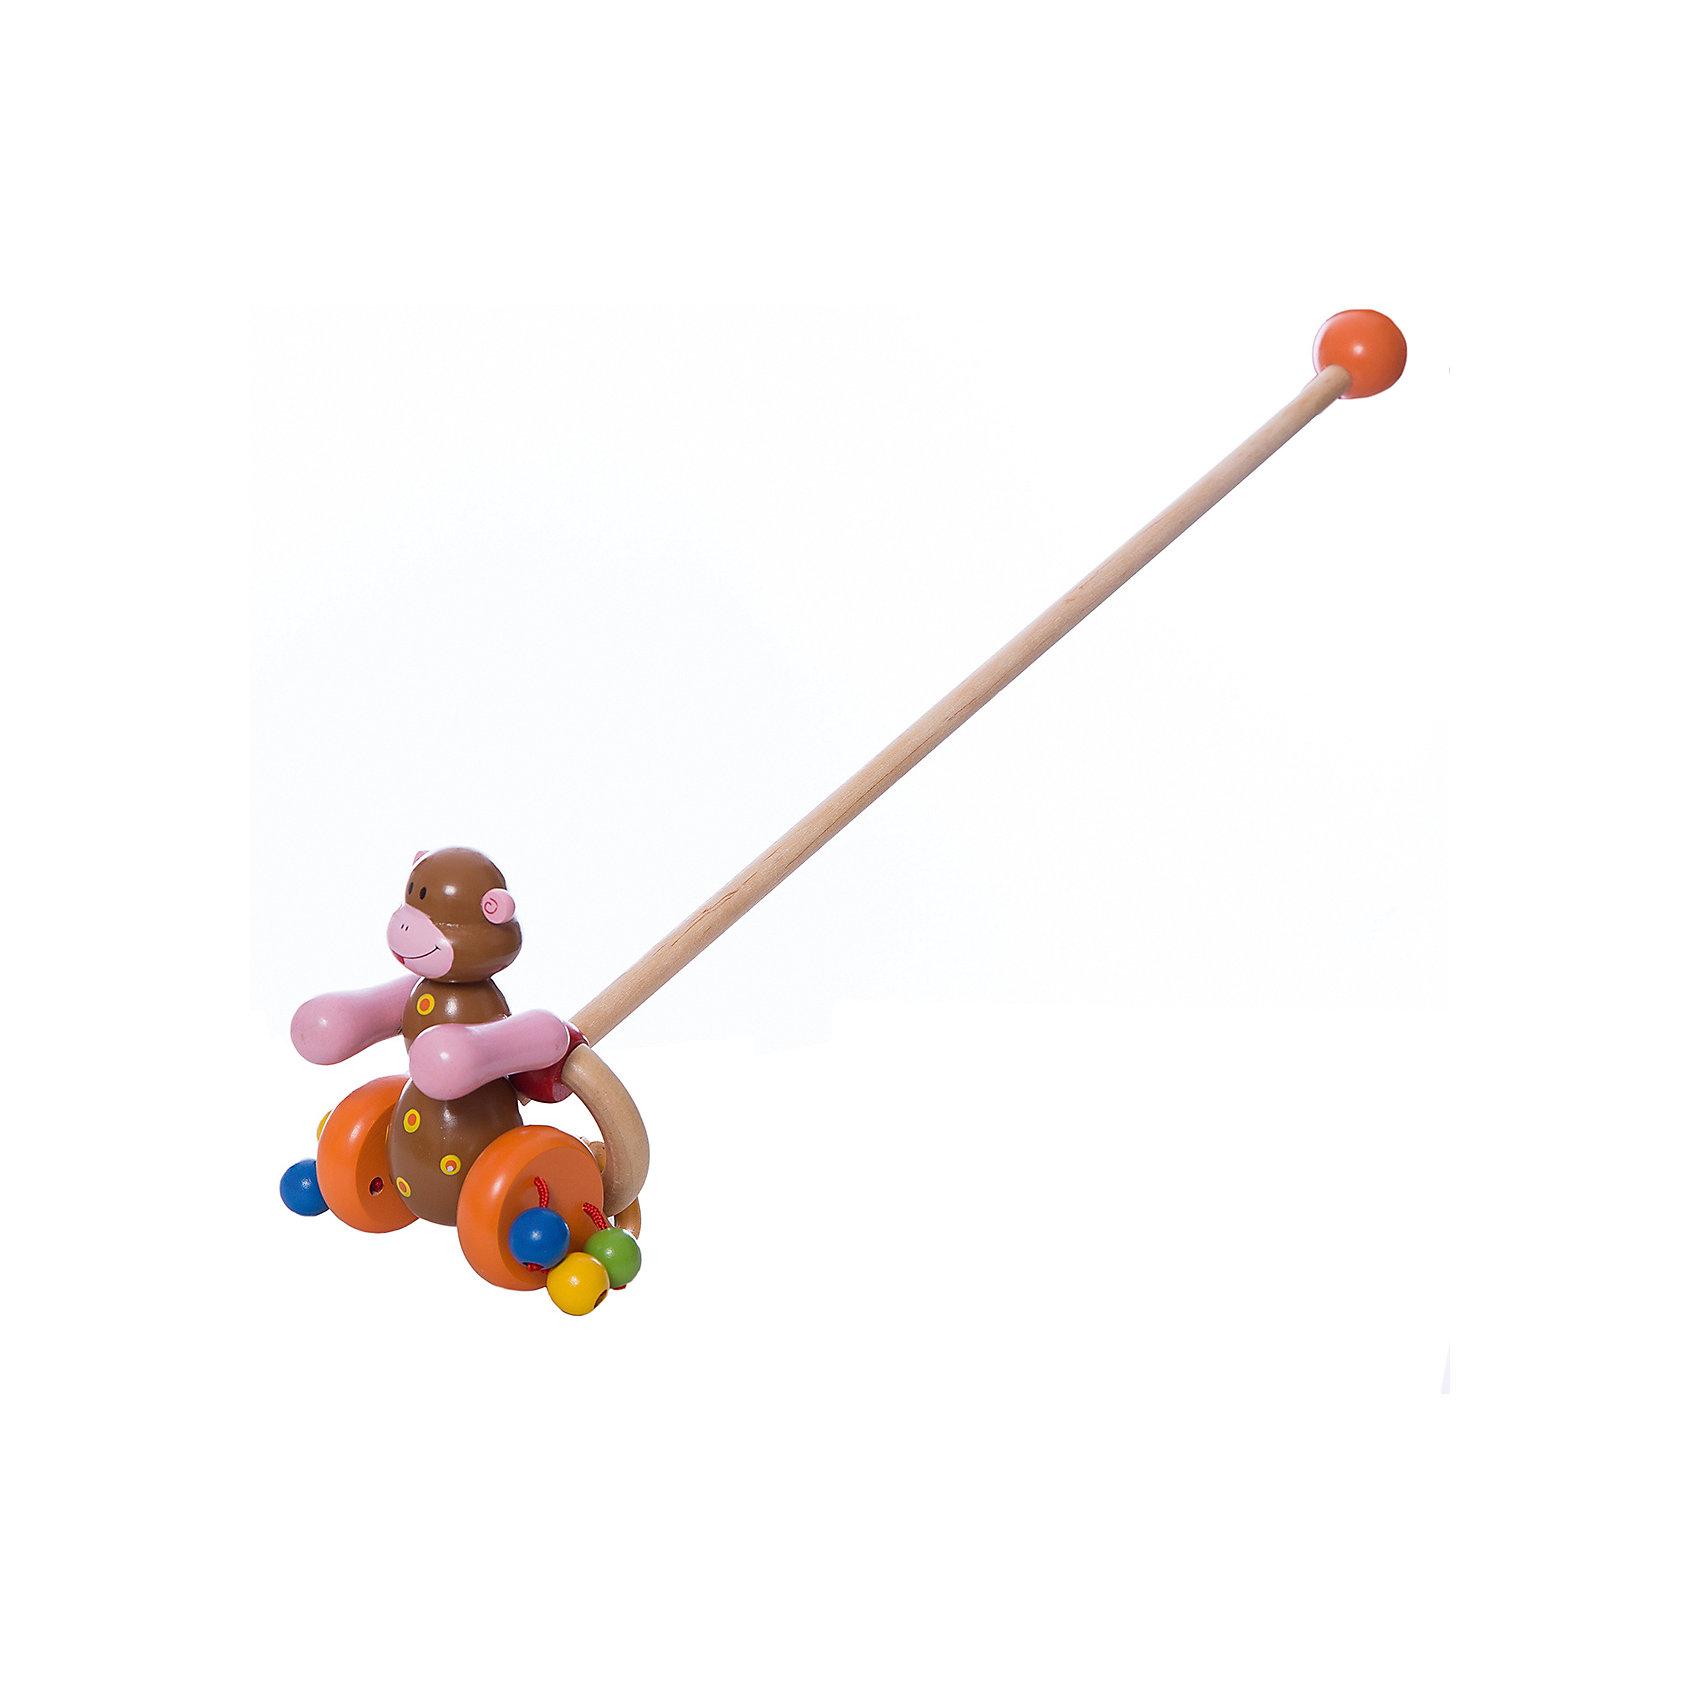 Каталка Мартышка с колечком, MapachaКаталка Мартышка с колечком от популярного бренда развивающих детских товаров Mapacha (Мапача) развлечет вашу кроху! Эта яркая обезьянка привлечет внимание и с ней захочется ходить и бегать снова и снова. Ручки обезьянки двигаются при движении и создают звуки, яркие шарики на колесиках добавляют шума. Безопасная съемная ручка длиной 48 см. позволит играть с игрушкой без ручки при желании. Каталка изготовлена из экологически чистого и натурального материала – дерева. С этой каталкой малыш сможет развить навыки координации движения и навыки управления.<br><br>Дополнительная информация:<br><br>- В комплект входит: 1 каталка<br>- Материал: дерево<br>- Размер: 12 * 7 * 17,5 см<br><br>Каталку  Мартышка с колечком , Mapacha (Мапача) можно купить в нашем интернет-магазине.<br><br>Подробнее:<br>• Для детей в возрасте: от 3 лет<br>• Номер товара: 4925513<br>Страна производитель: Китай<br><br>Ширина мм: 150<br>Глубина мм: 50<br>Высота мм: 570<br>Вес г: 339<br>Возраст от месяцев: 12<br>Возраст до месяцев: 60<br>Пол: Унисекс<br>Возраст: Детский<br>SKU: 4925513